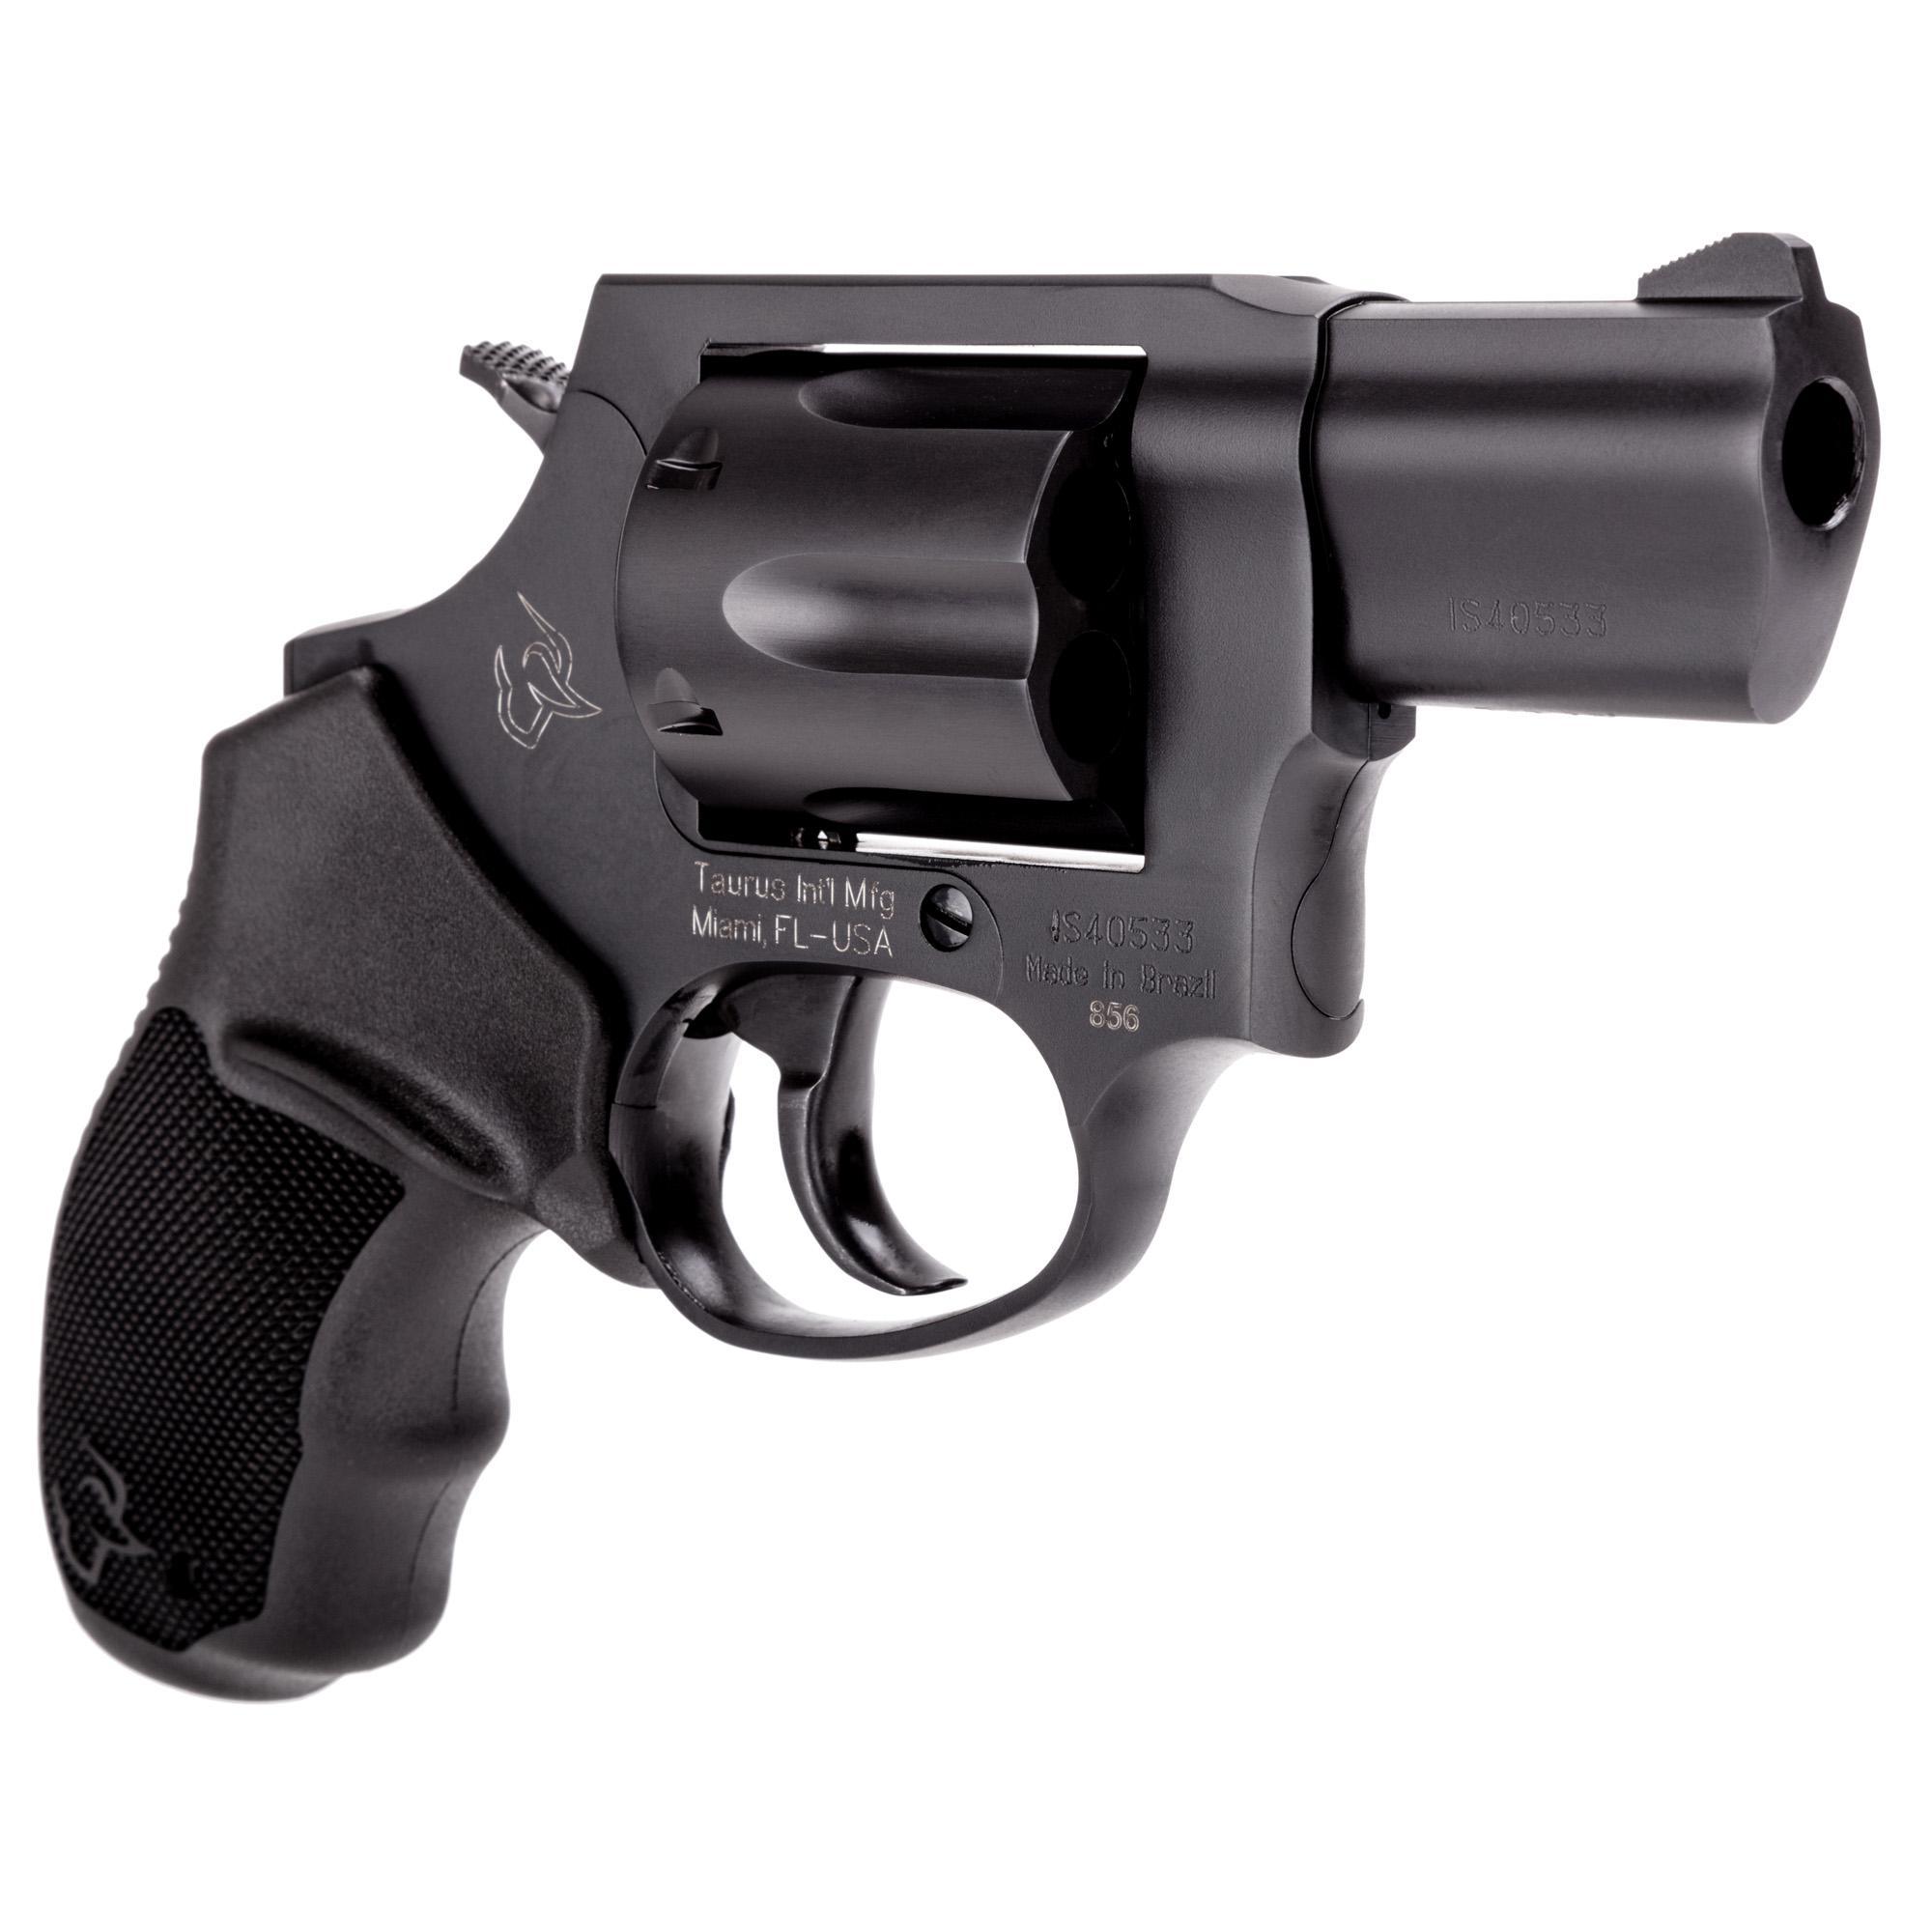 .38 spcl gun